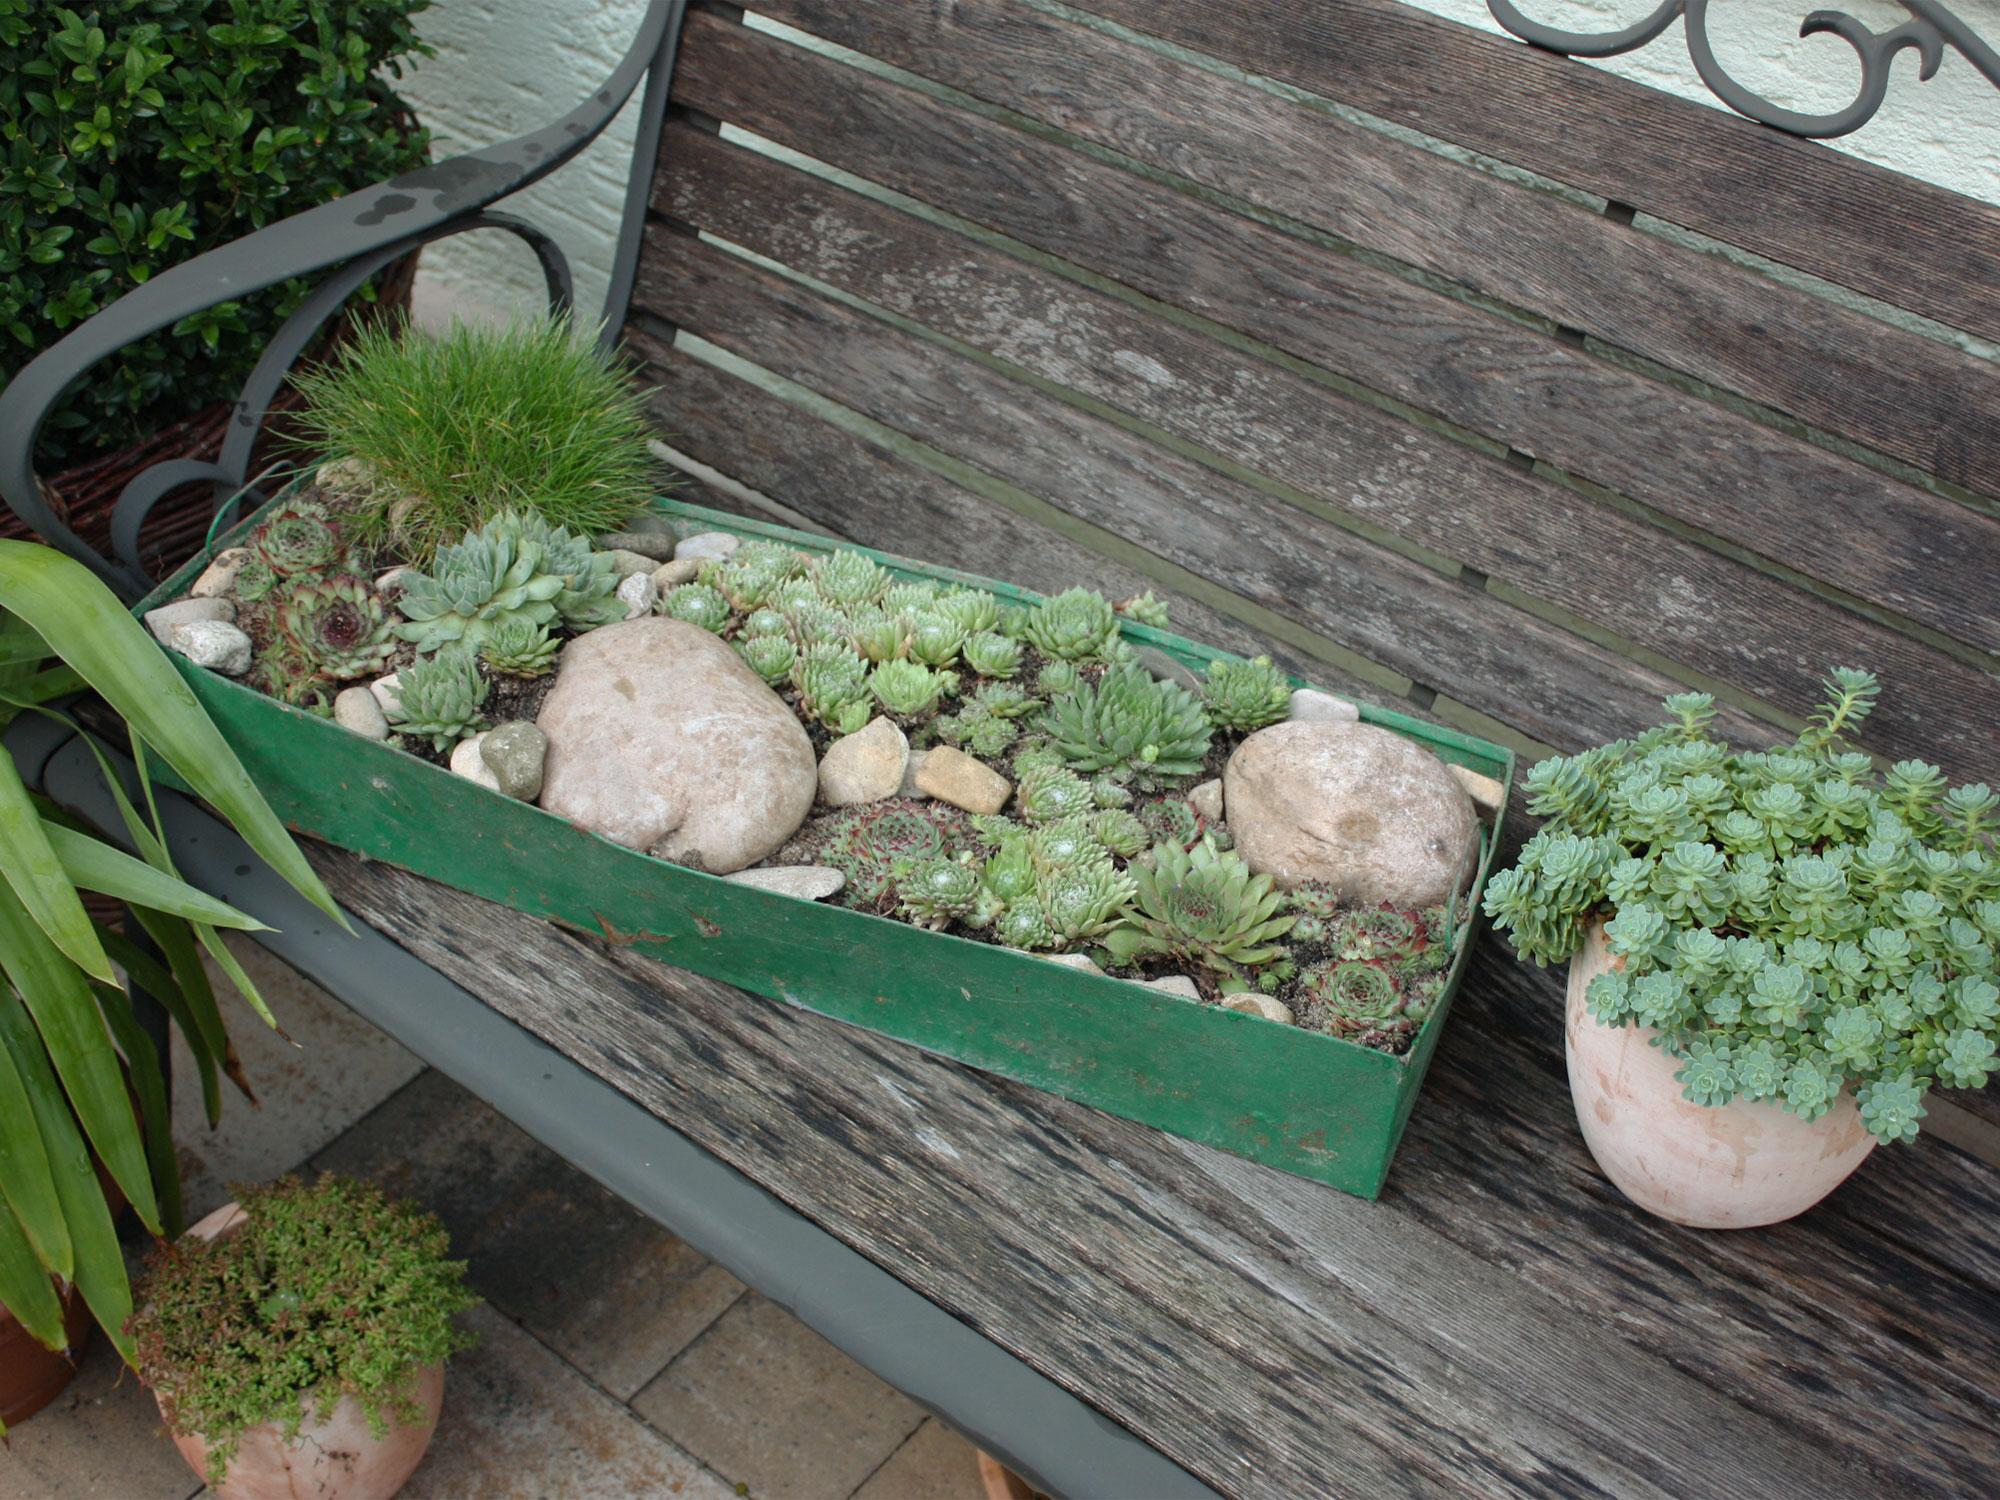 umpflanzen von kleinen topfpflanzen native plants gartenblog. Black Bedroom Furniture Sets. Home Design Ideas